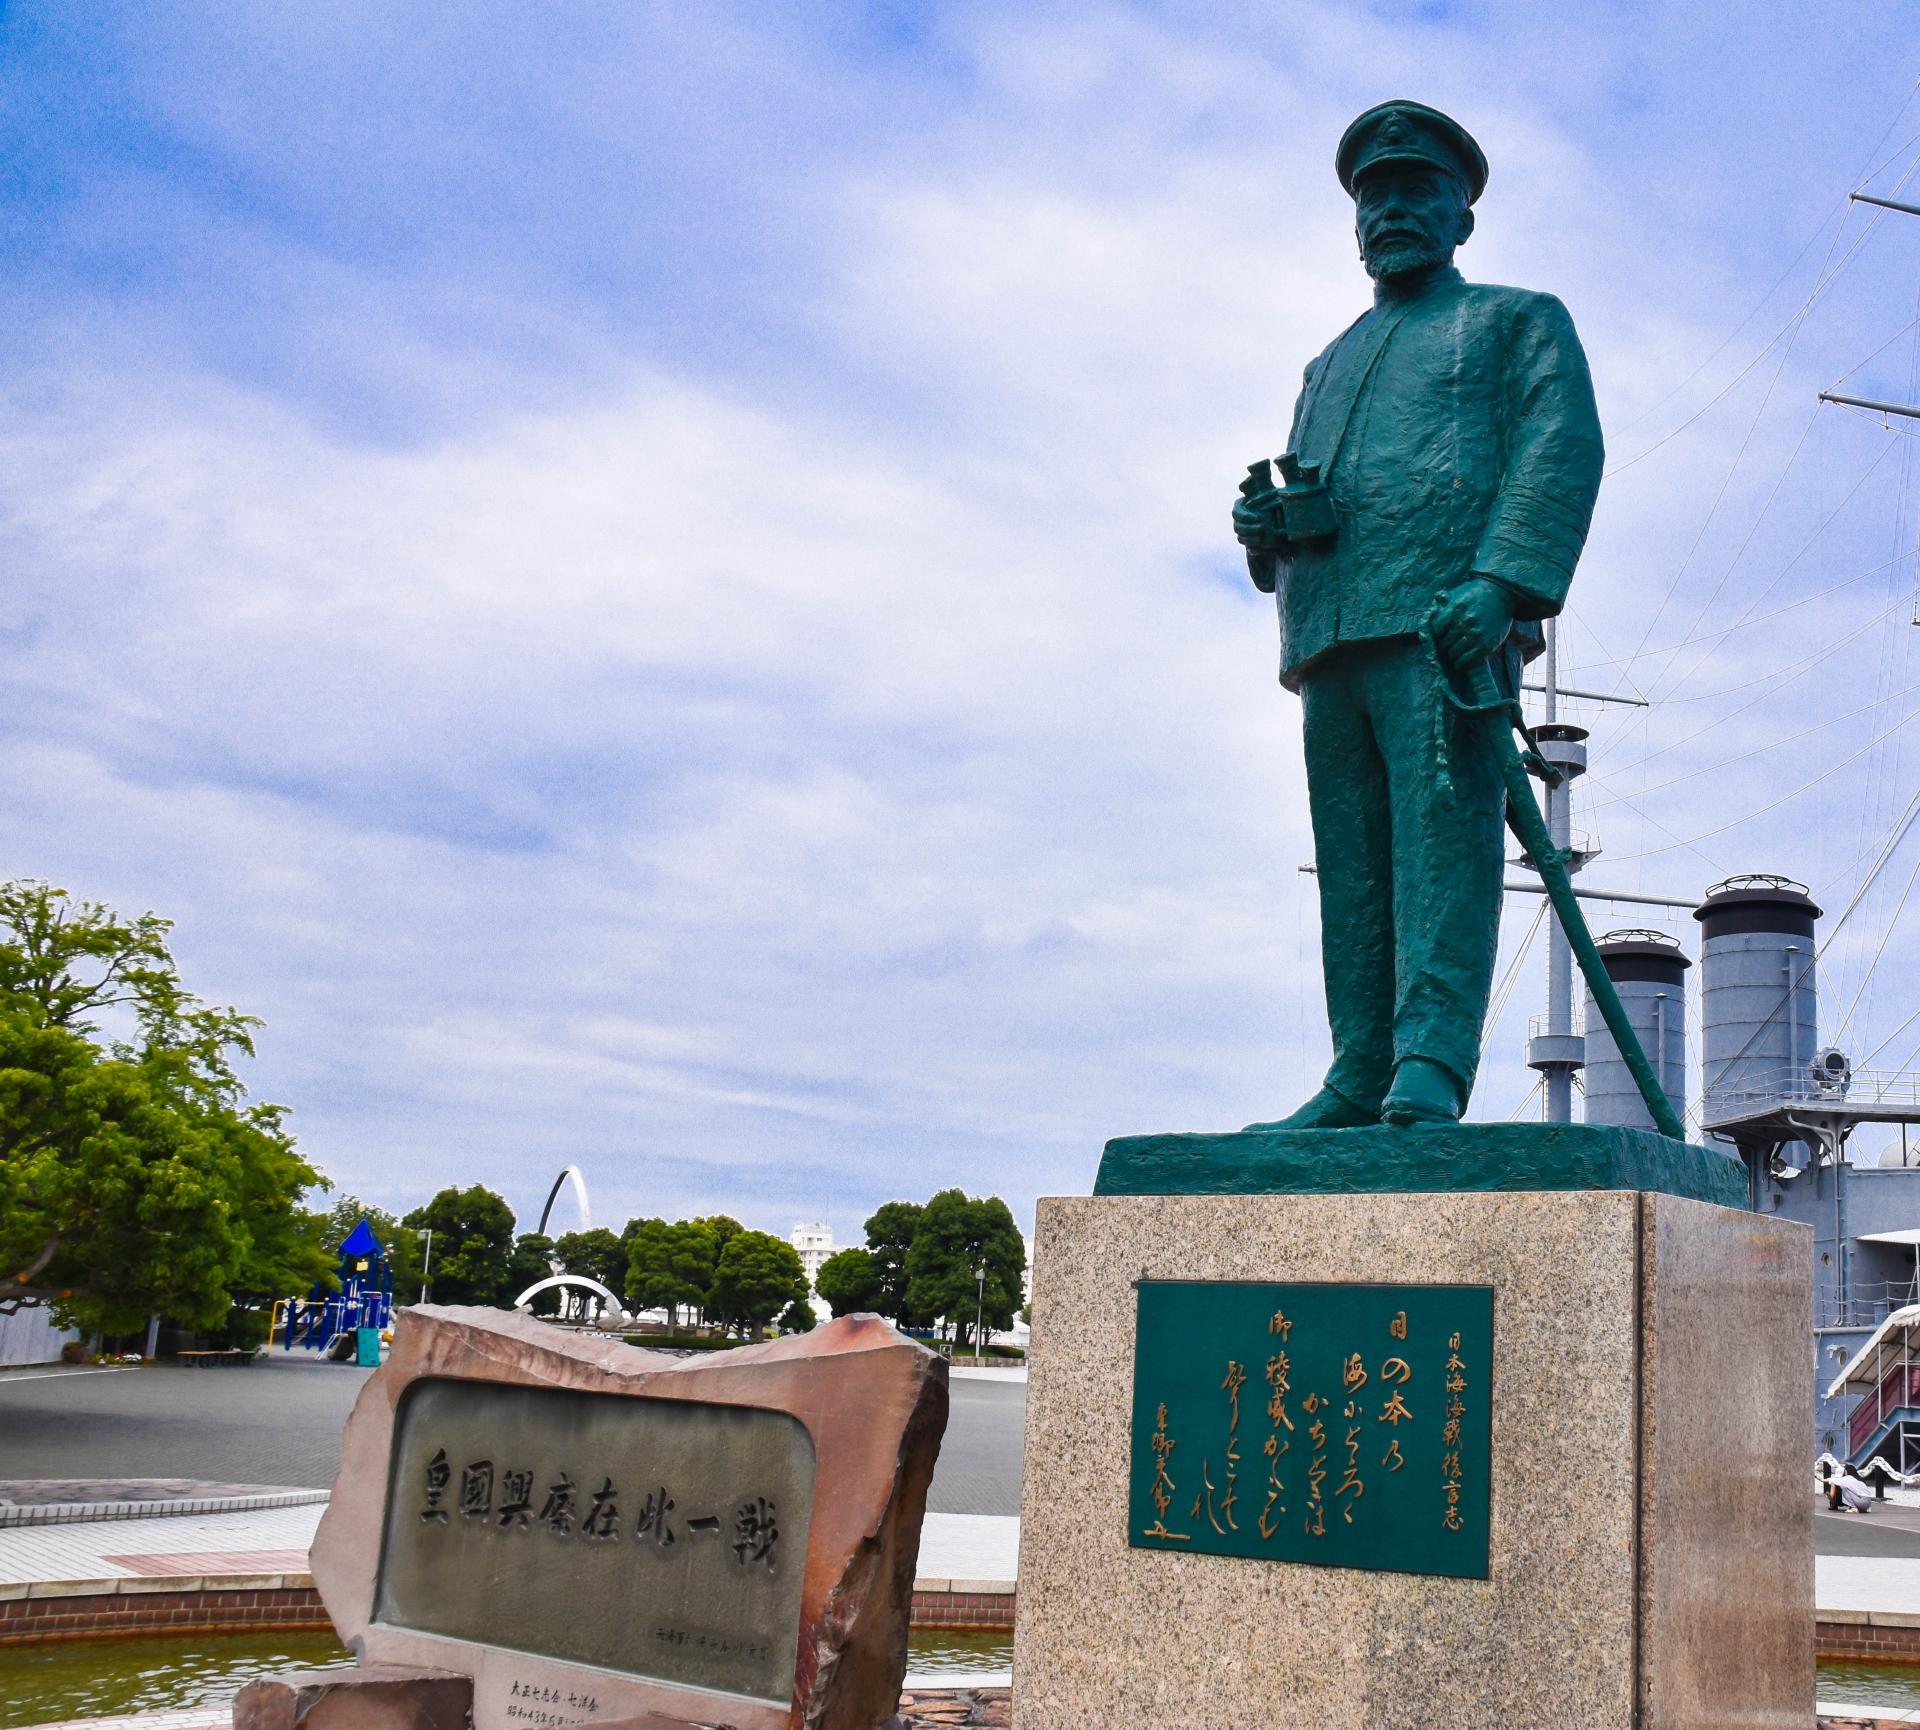 横須賀の三笠公園にある東郷平八郎像